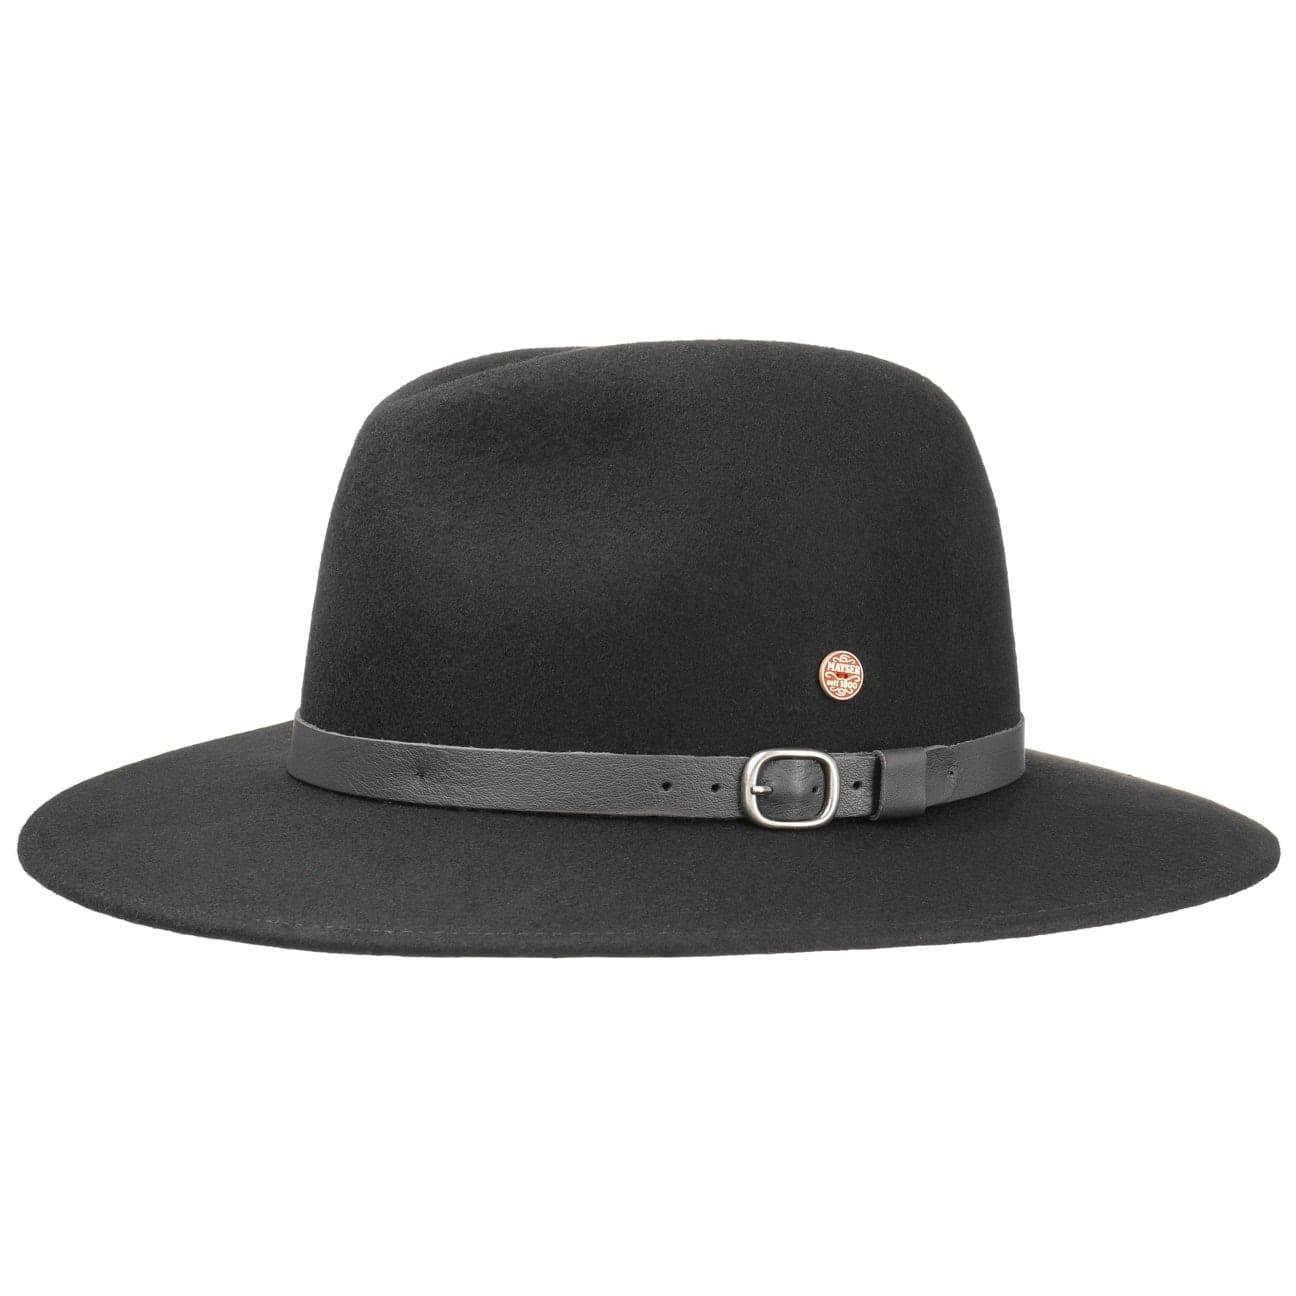 Baron Negro by Mayser  sombrero de fieltro